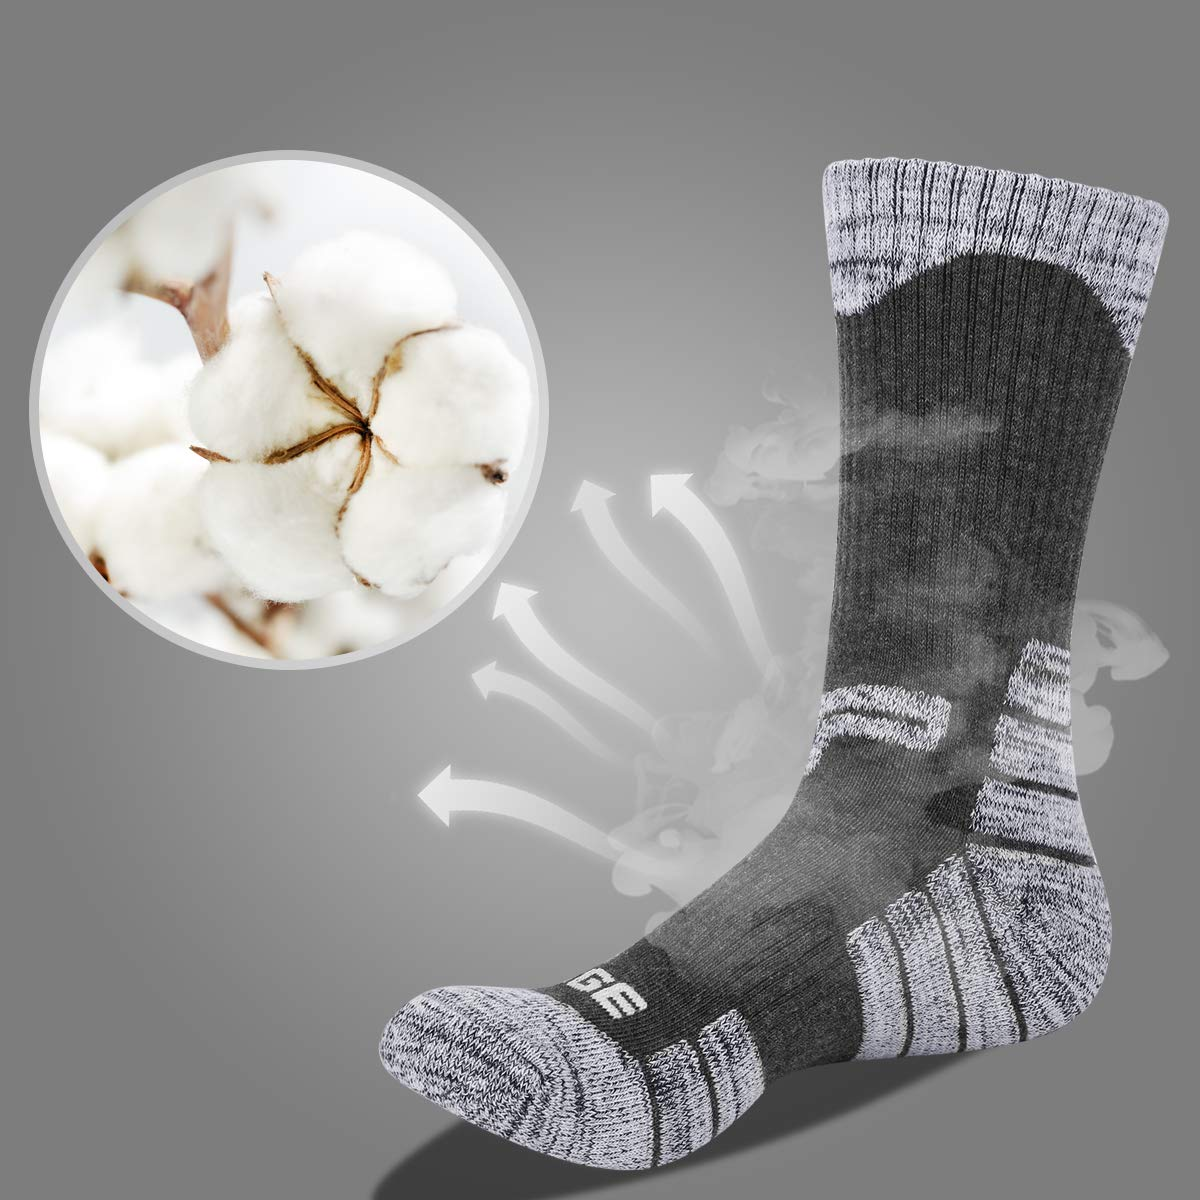 YUEDGE Uomo Calzini da Sentierismo Calze da Trekking Calze Sportive Traspiranti Anti-ampolle ad Alte Prestazioni